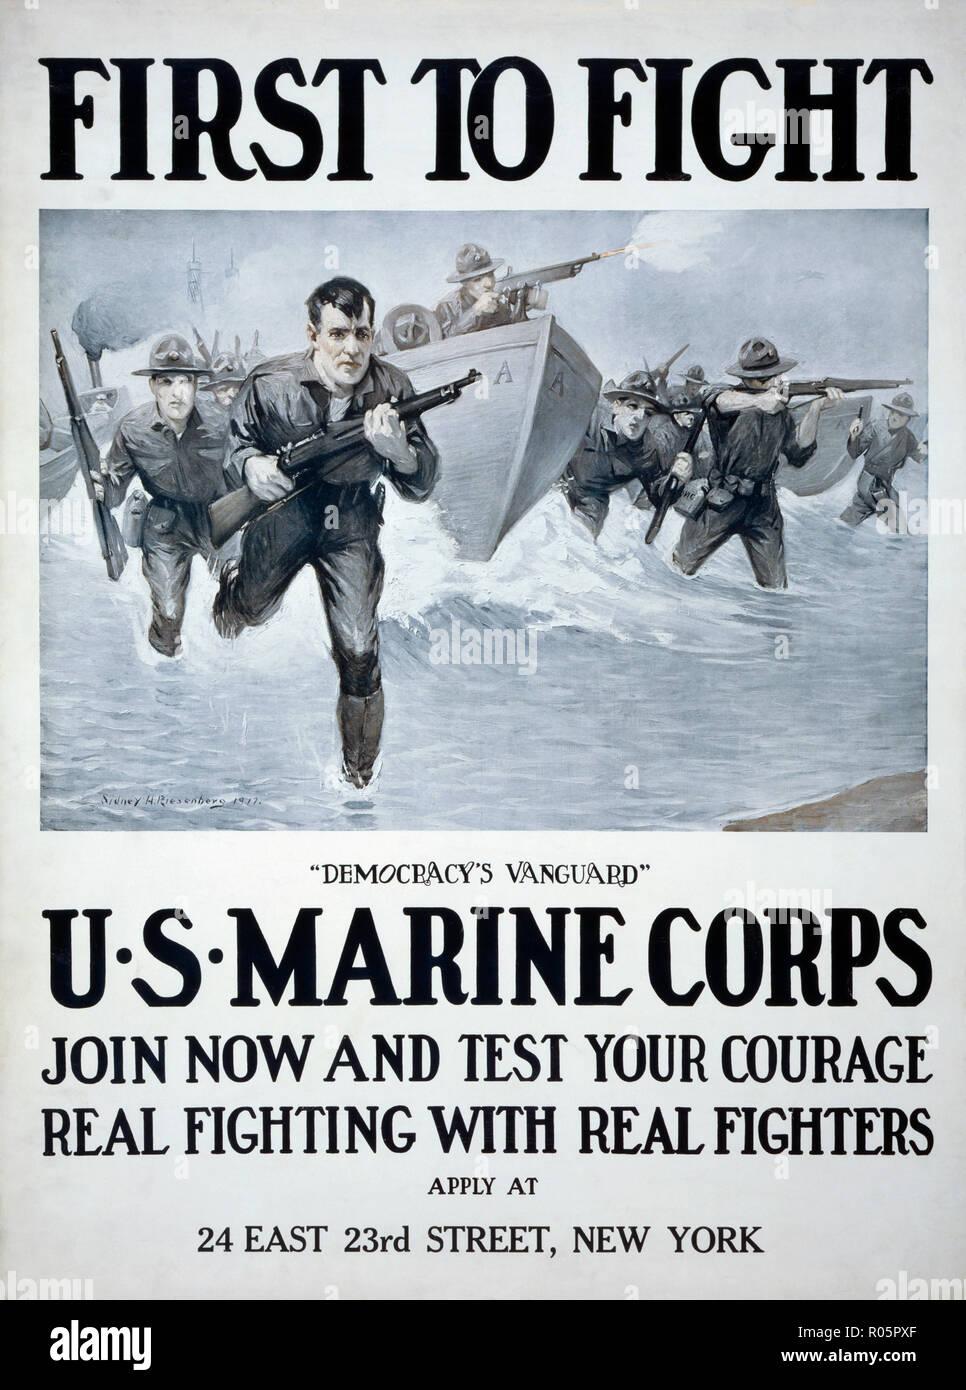 Affiche de recrutement du Corps des Marines américain publié en 1917. Après un travail de l'illustratrice Sidney H. Riesenberg, 1885-1971. Banque D'Images